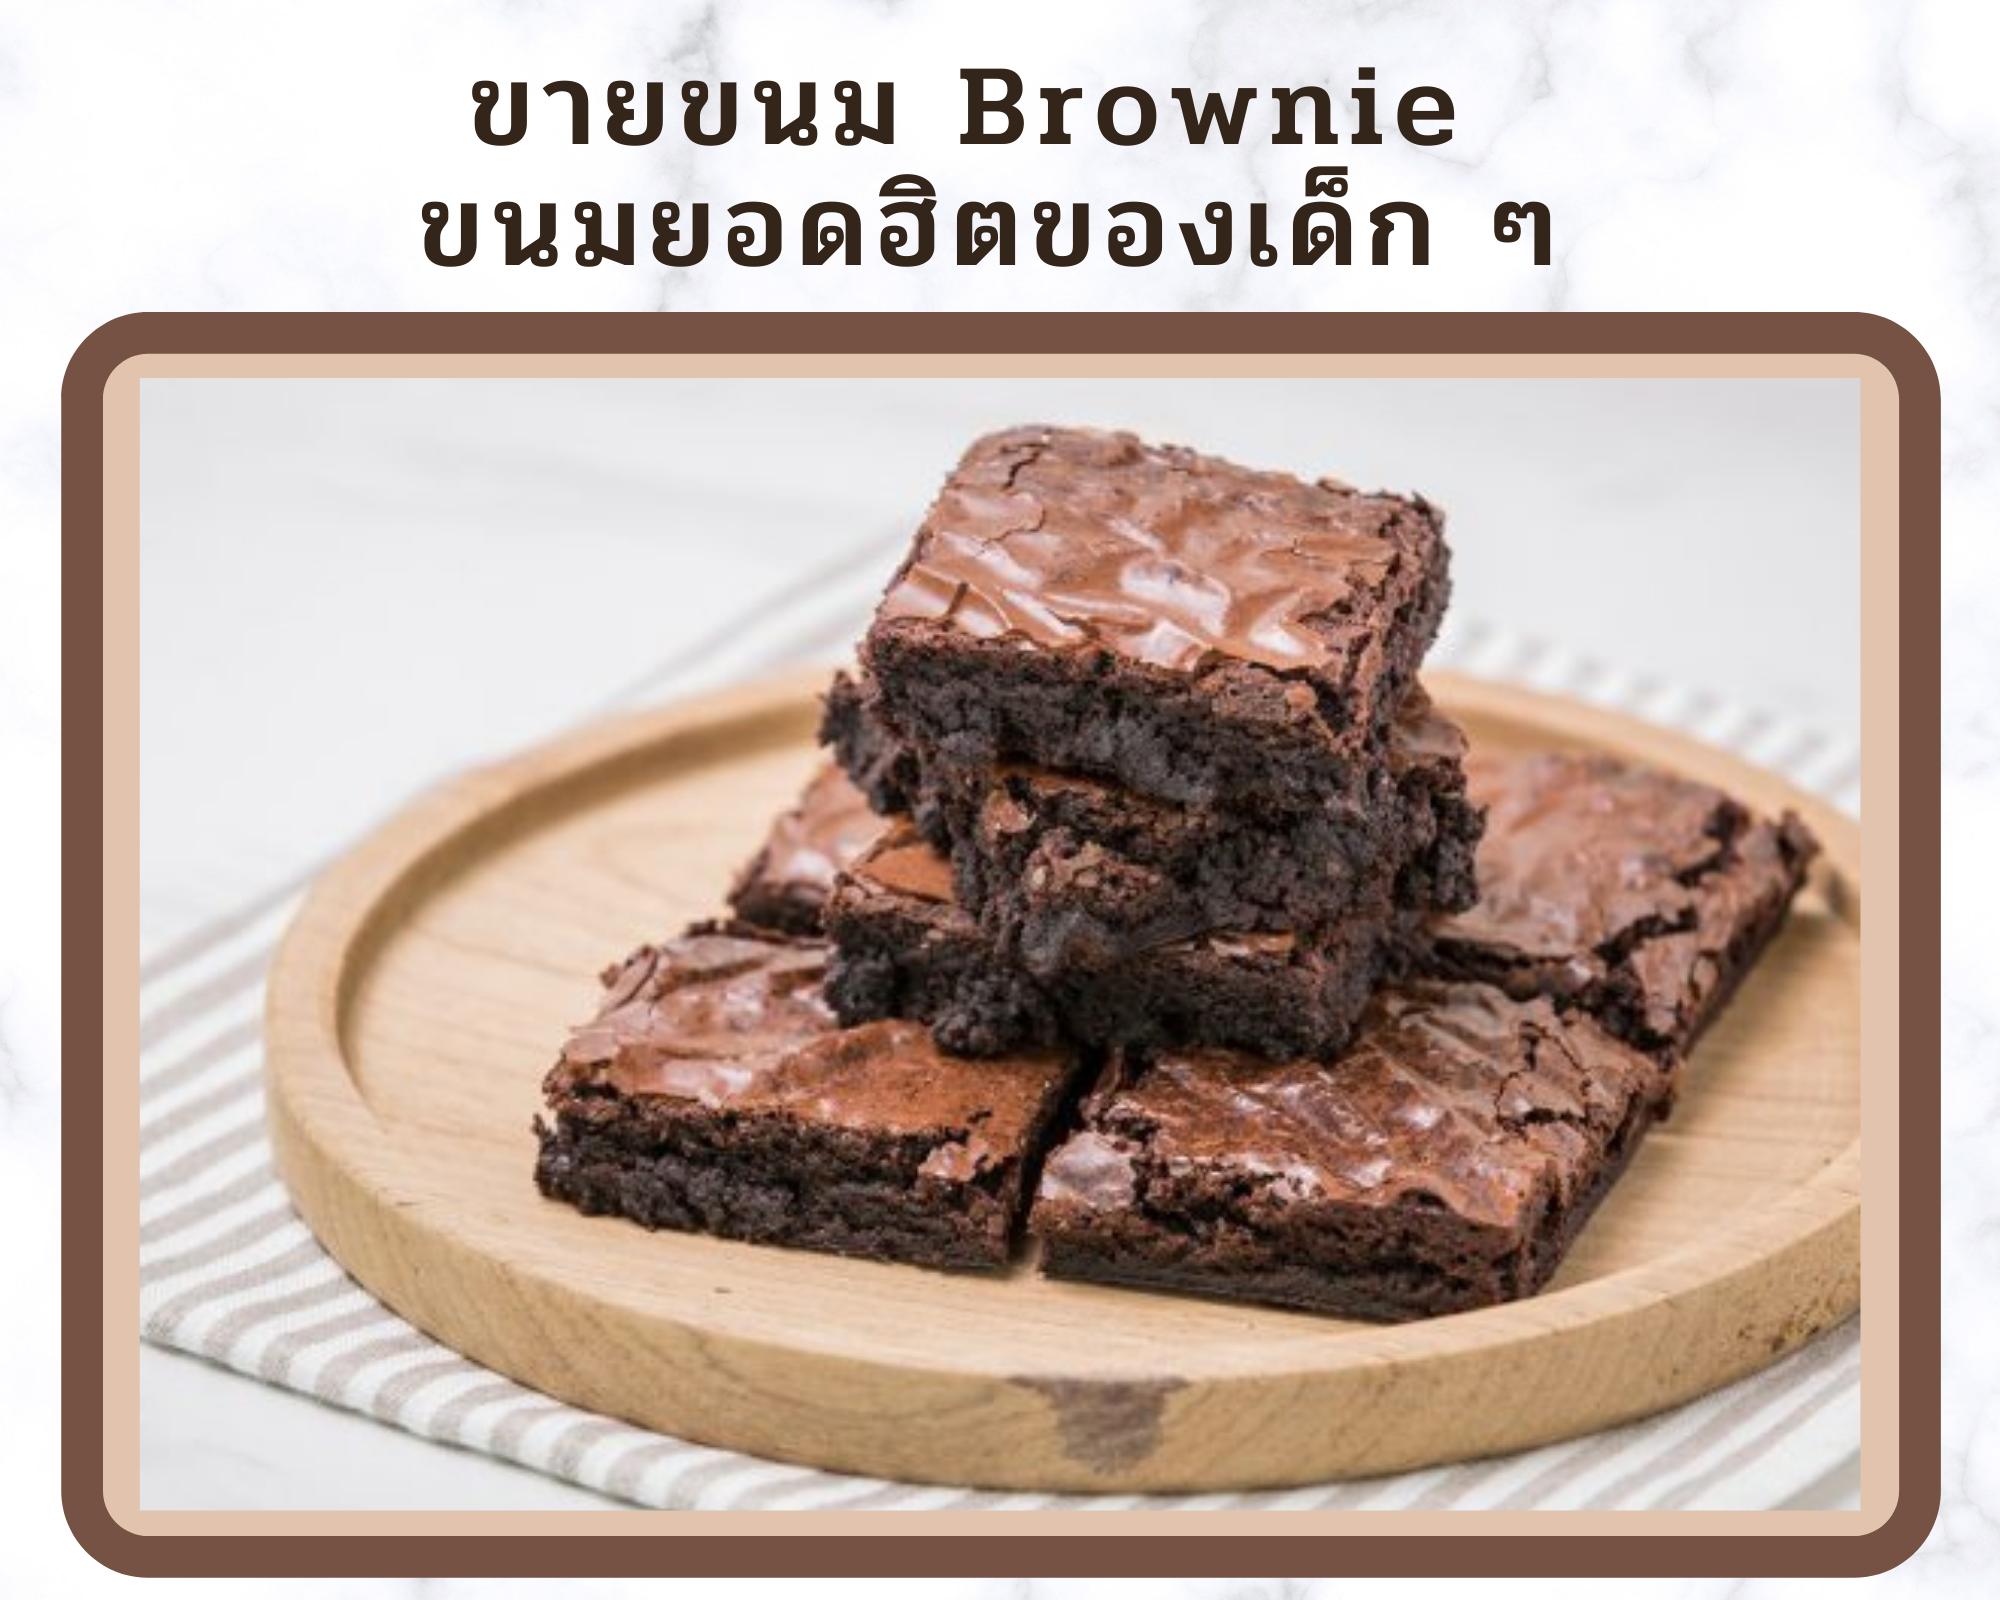 ขายขนม Brownie ขนมยอดฮิต ของเด็ก ๆ